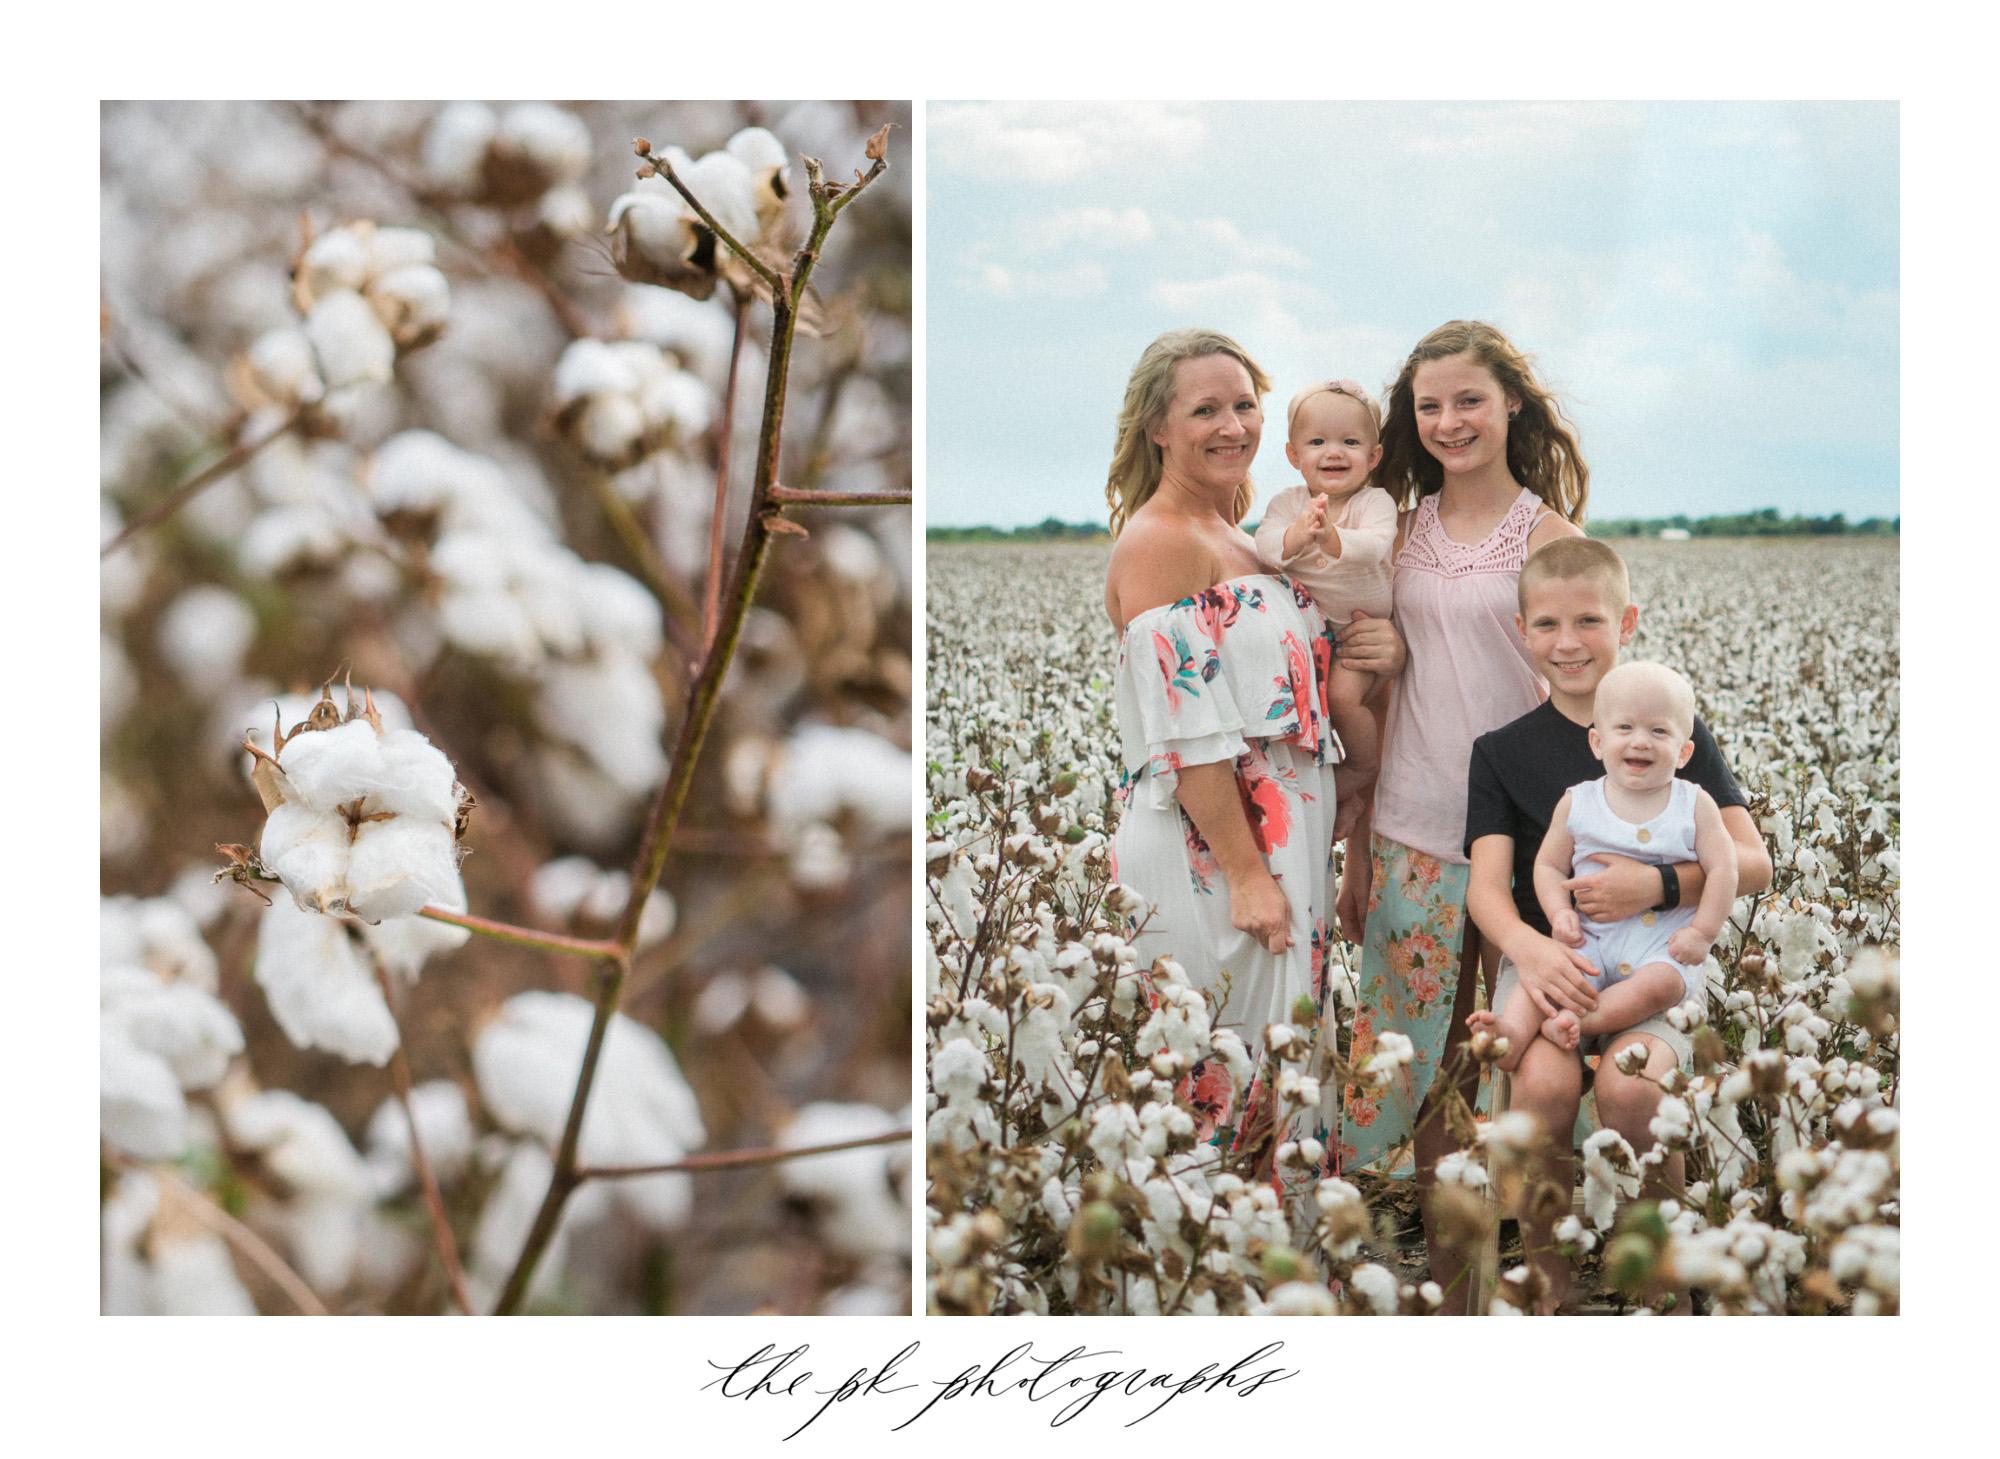 cotton-field-family-portraits-san-antonio-3.jpg